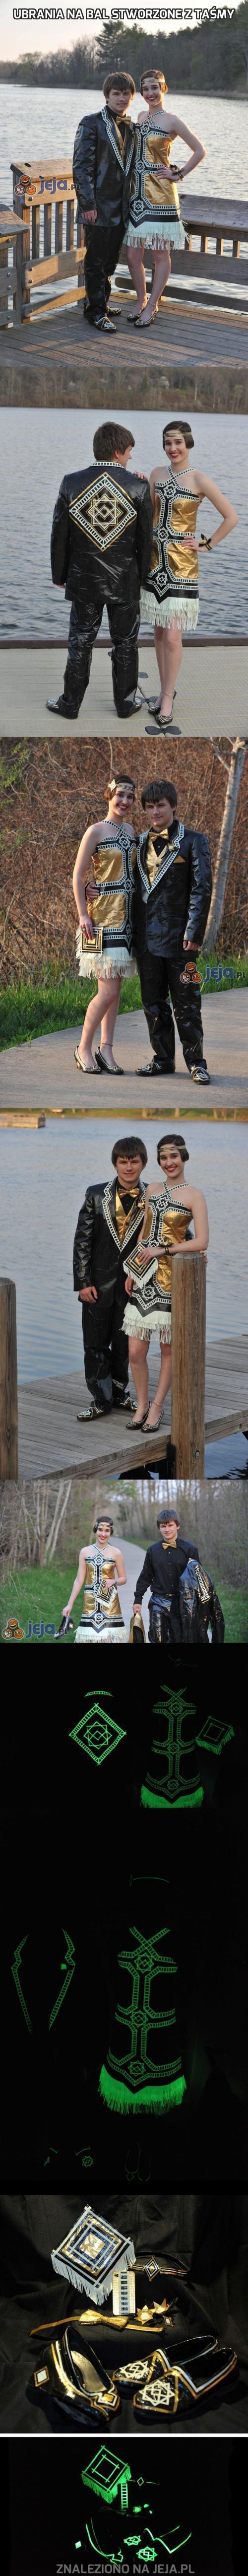 Ubrania na bal stworzone z taśmy